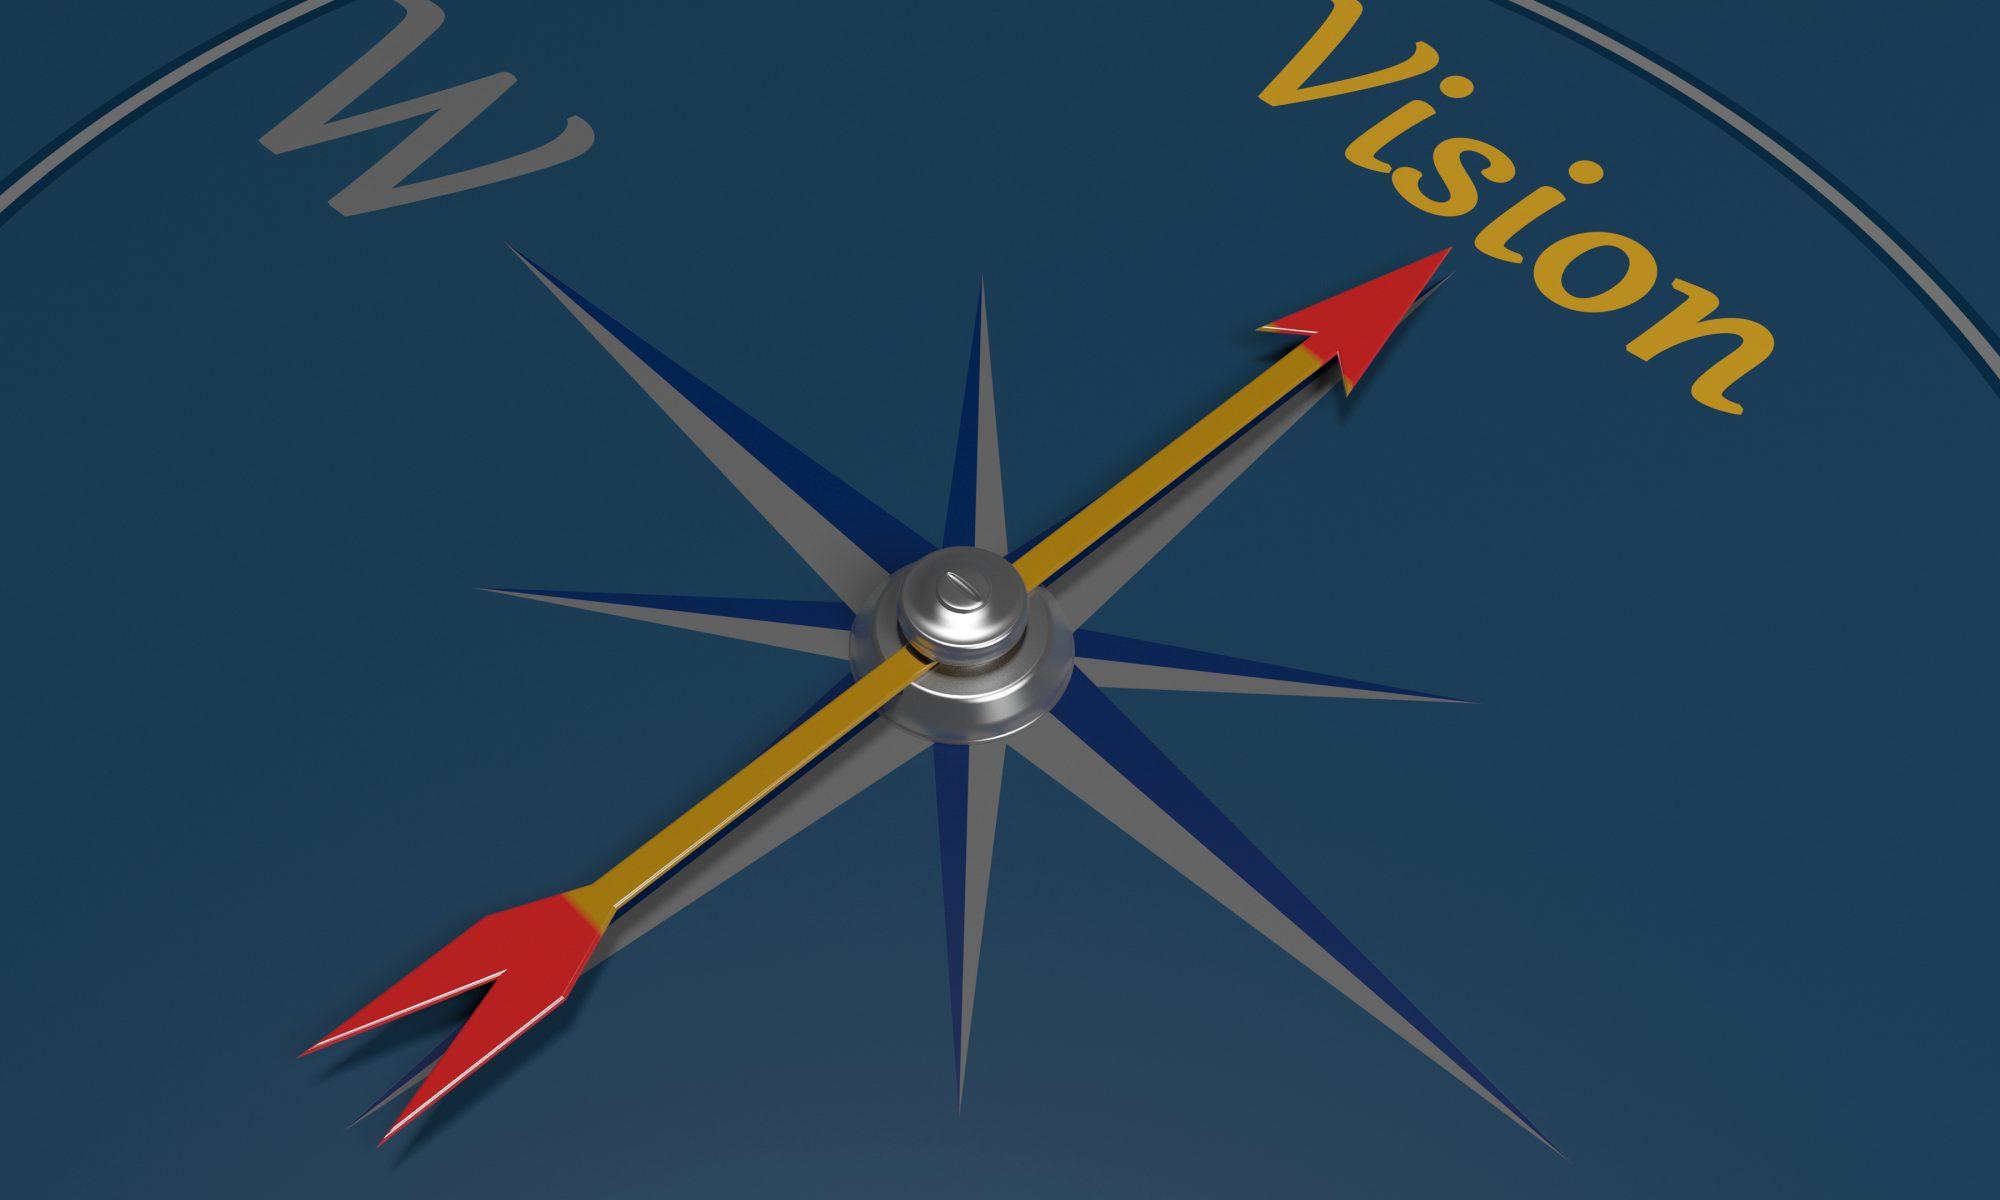 Stylized compass